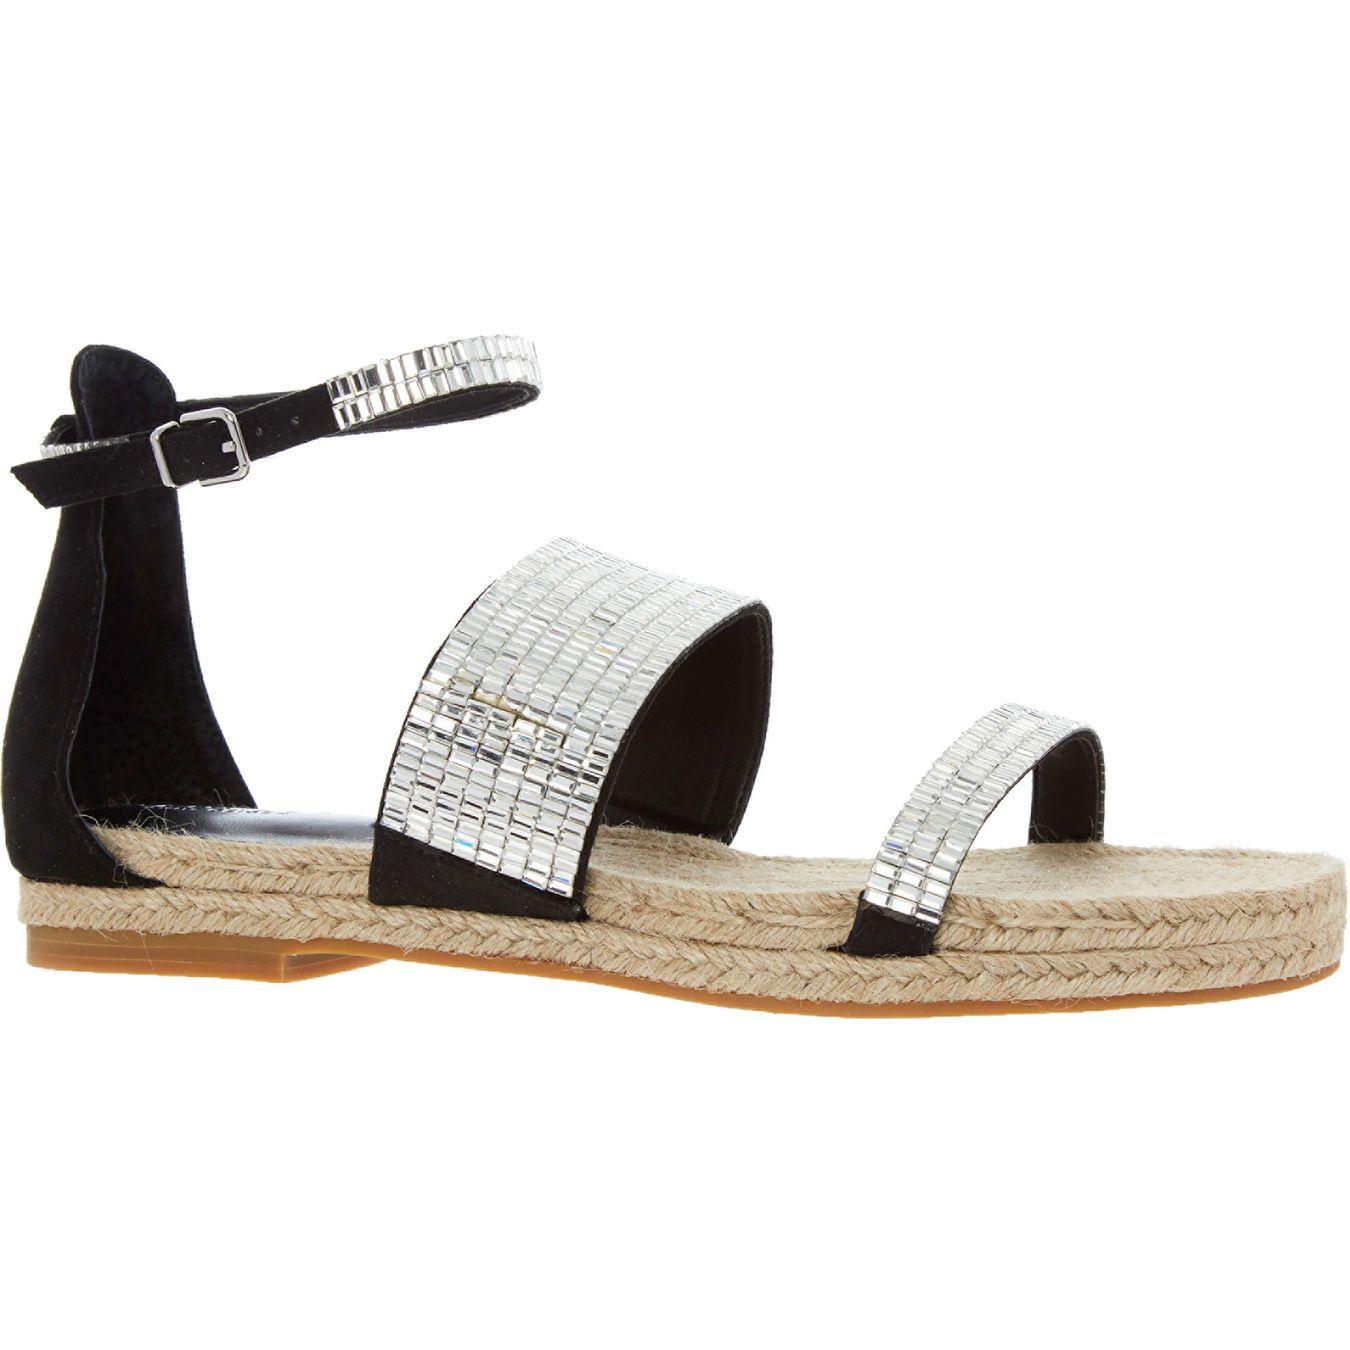 0139a1ab1ed7 Black Baguette Jewel Sandals - Winter Sun - TK Maxx